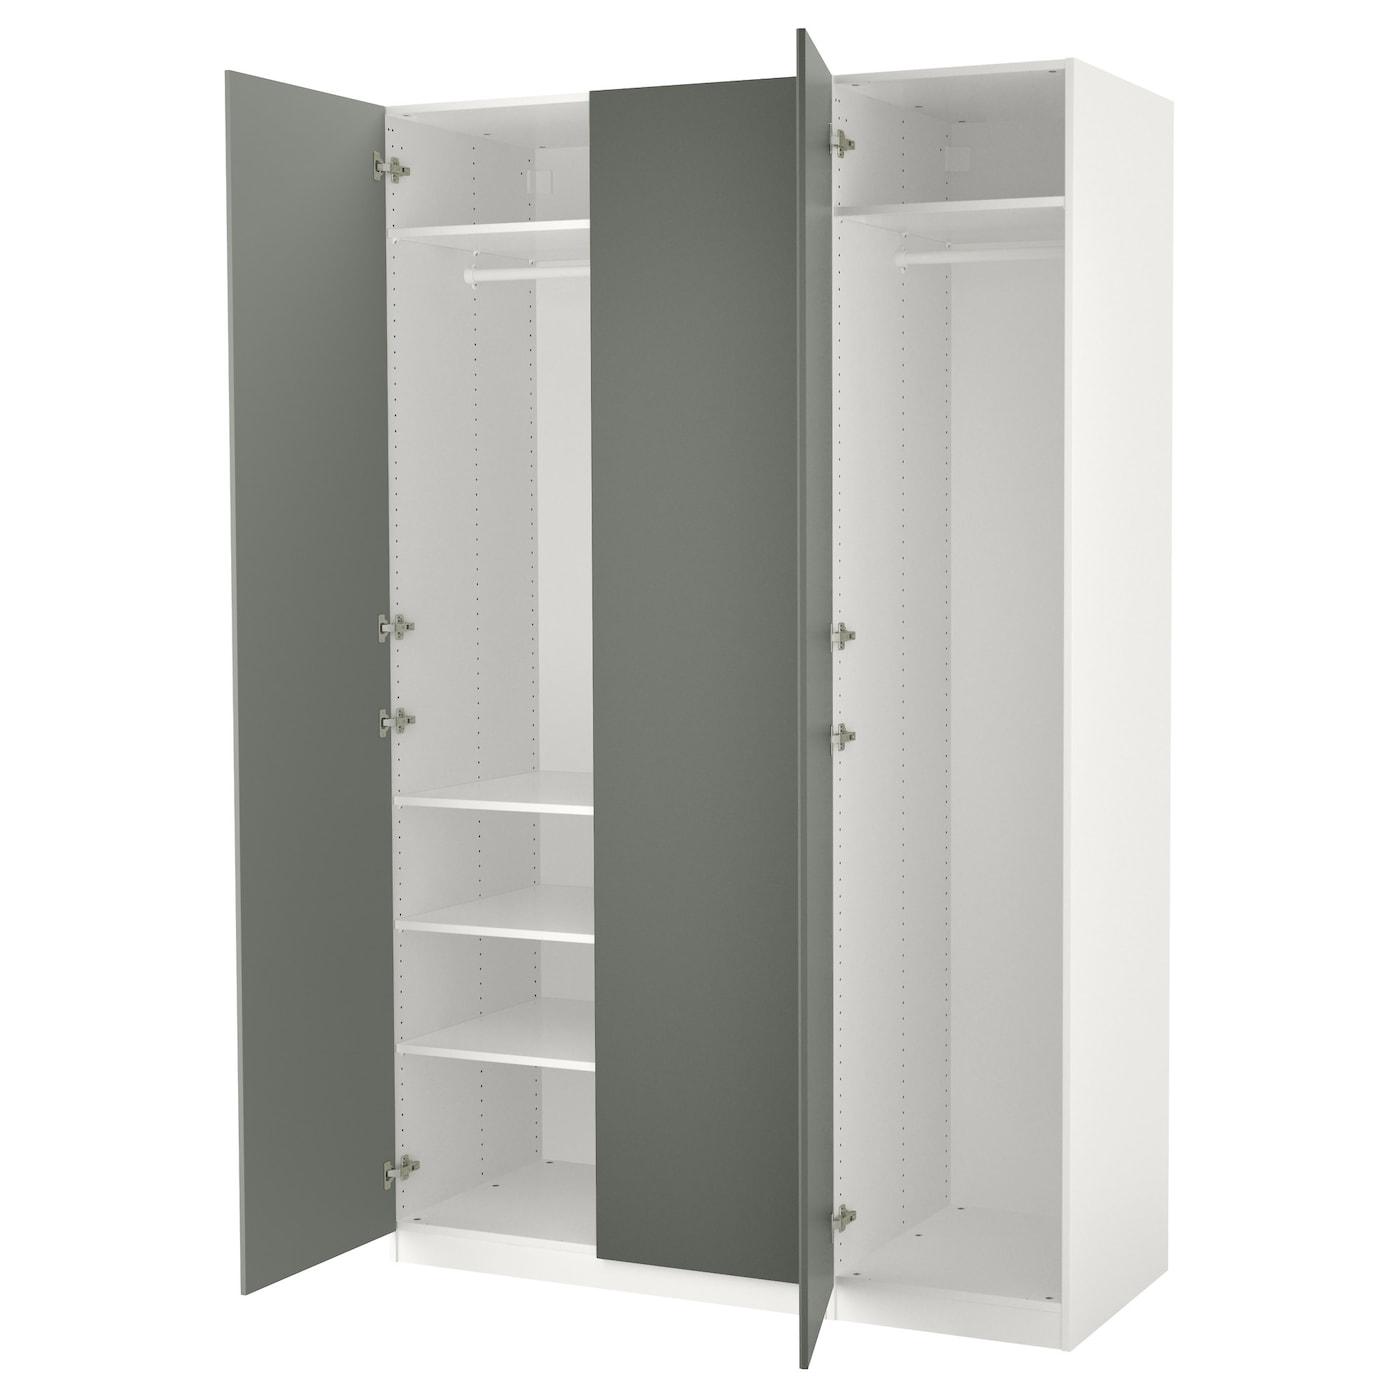 Ikea Pax Rückwand pax kleiderschrank 200x38x201 cm ikea